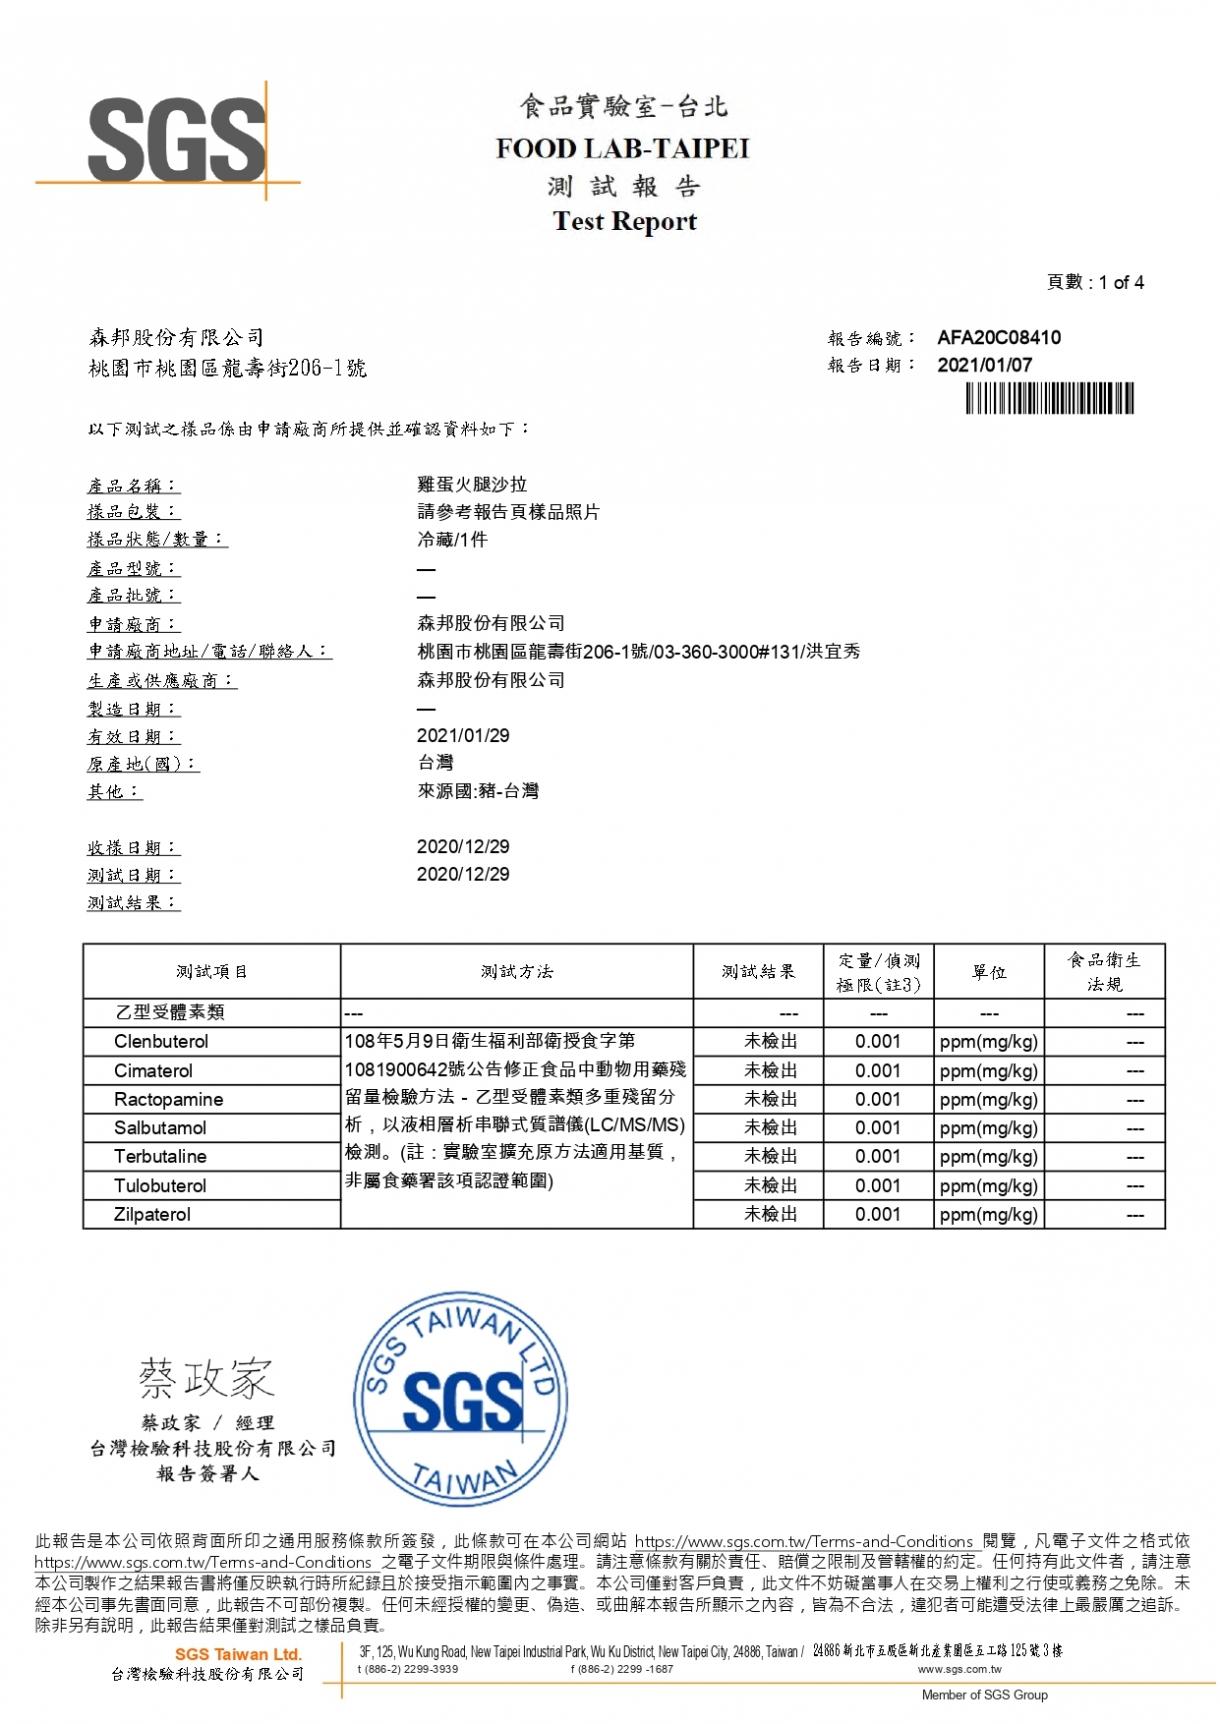 雞蛋火腿沙拉 瘦肉精檢驗報告20210107_page-0001